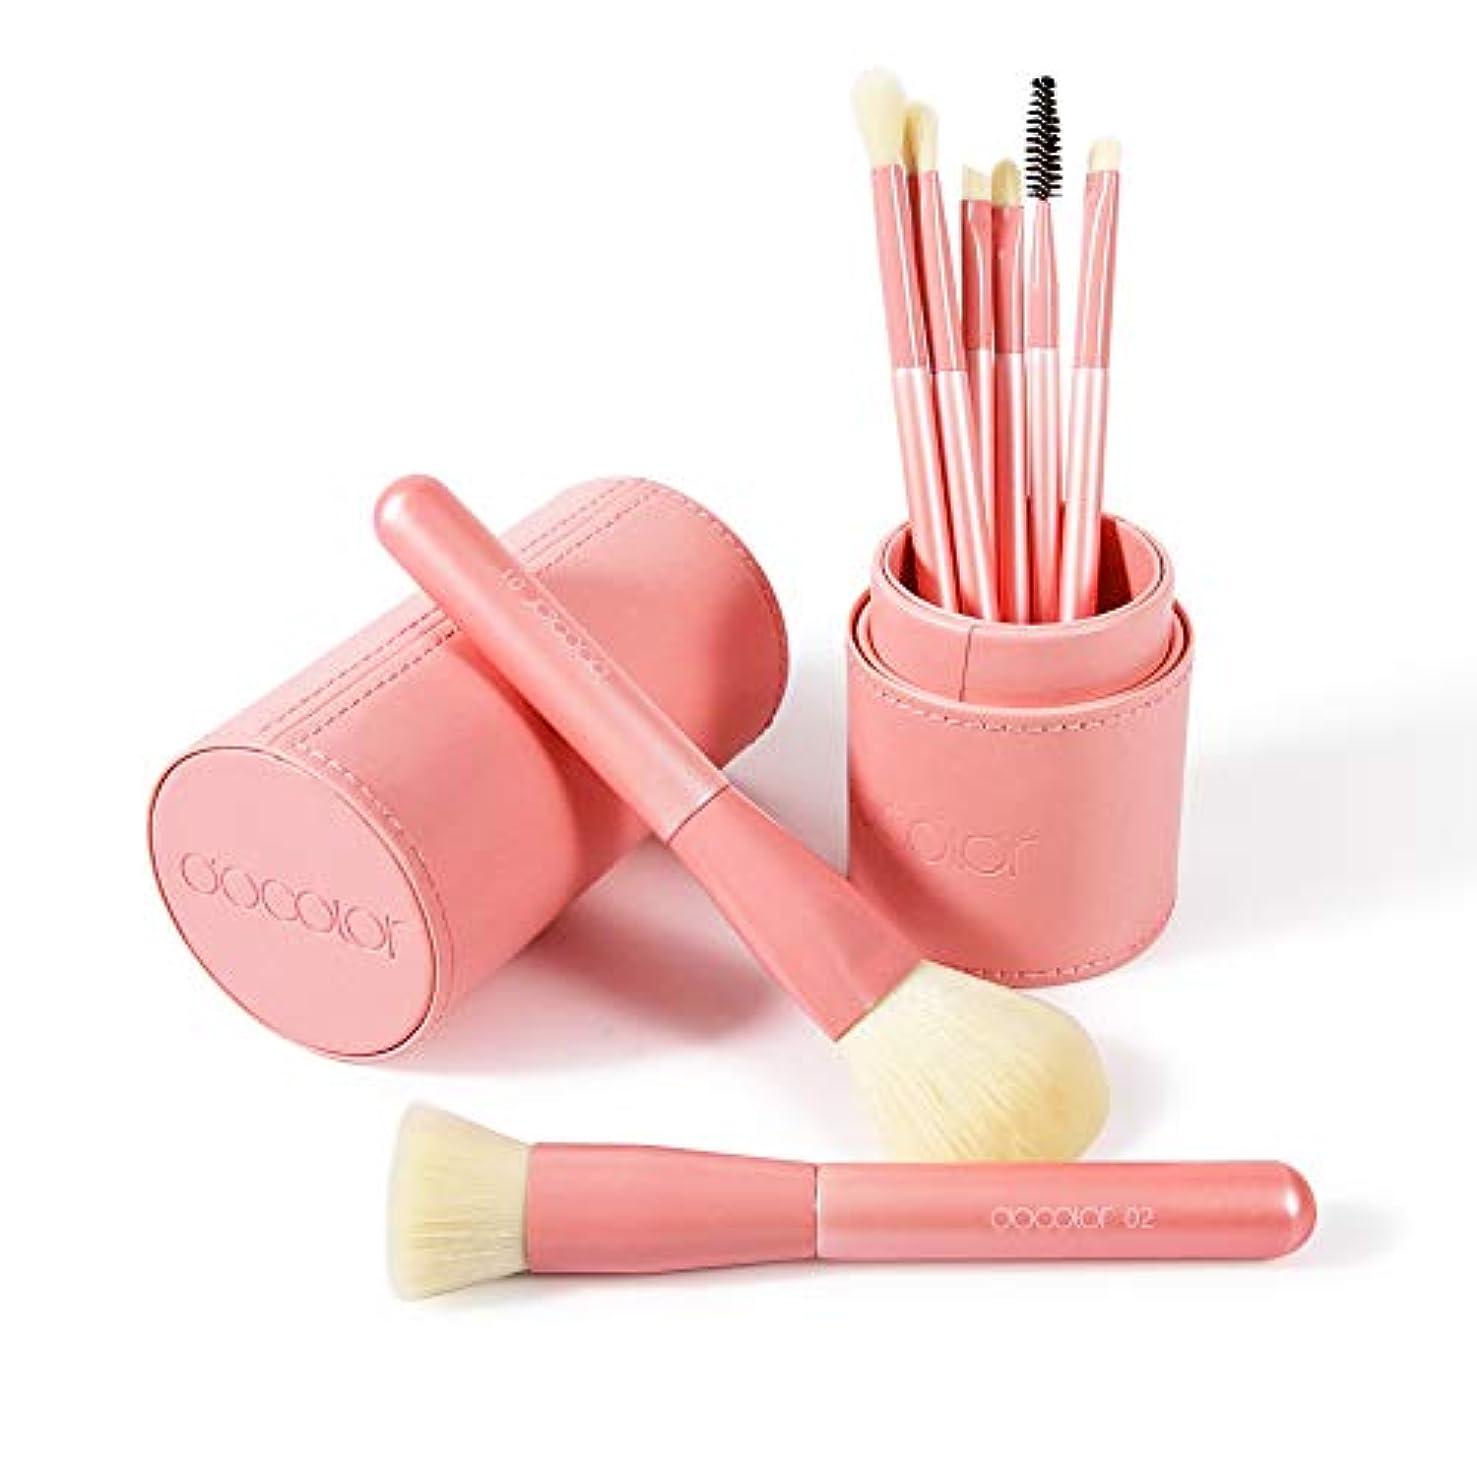 ゆるい時計回りベルベットDocolor ドゥカラー 化粧筆 メイクブラシ8本セット ホルダーケース付き  ピンク